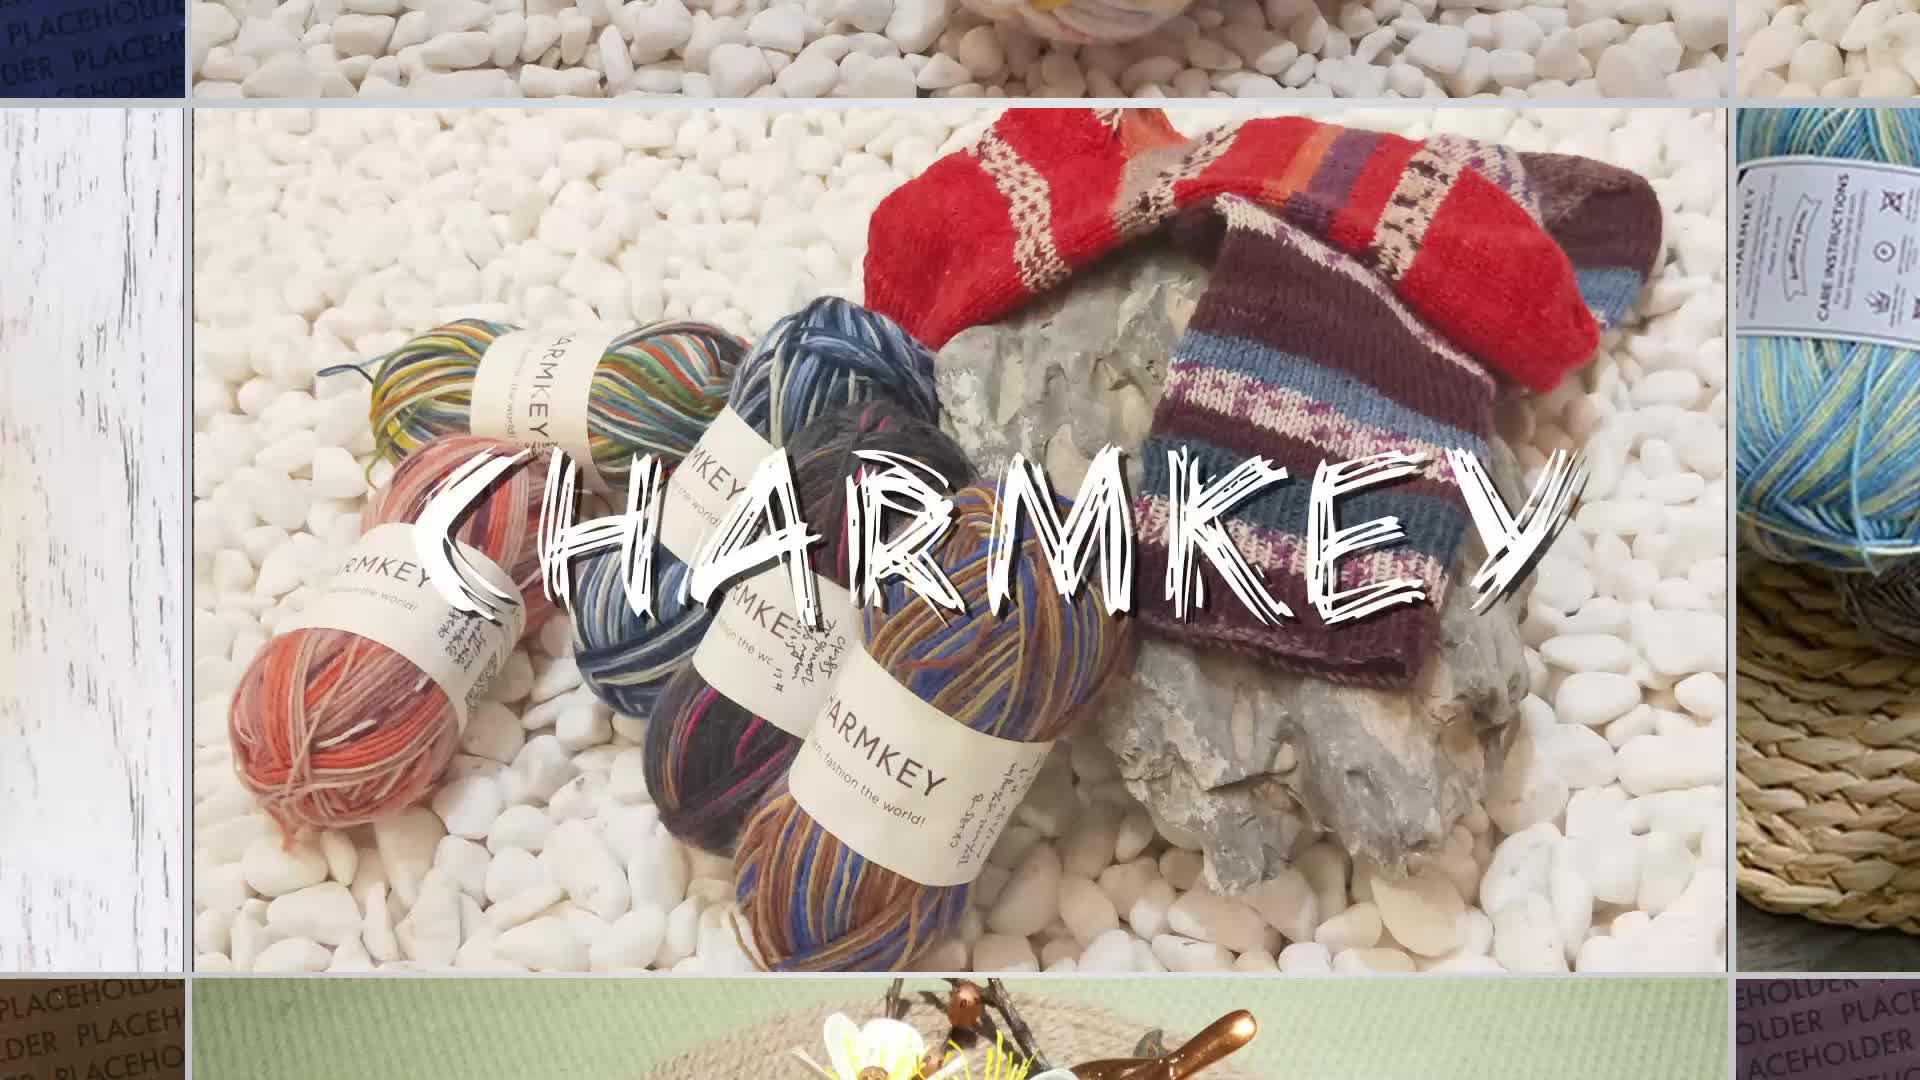 Супер мягкие charmkey натуральная шерсть пряжа из смешанного волокна (не сужающийся книзу массивный фантазии пряжи для вязания крючком свитер и шарф